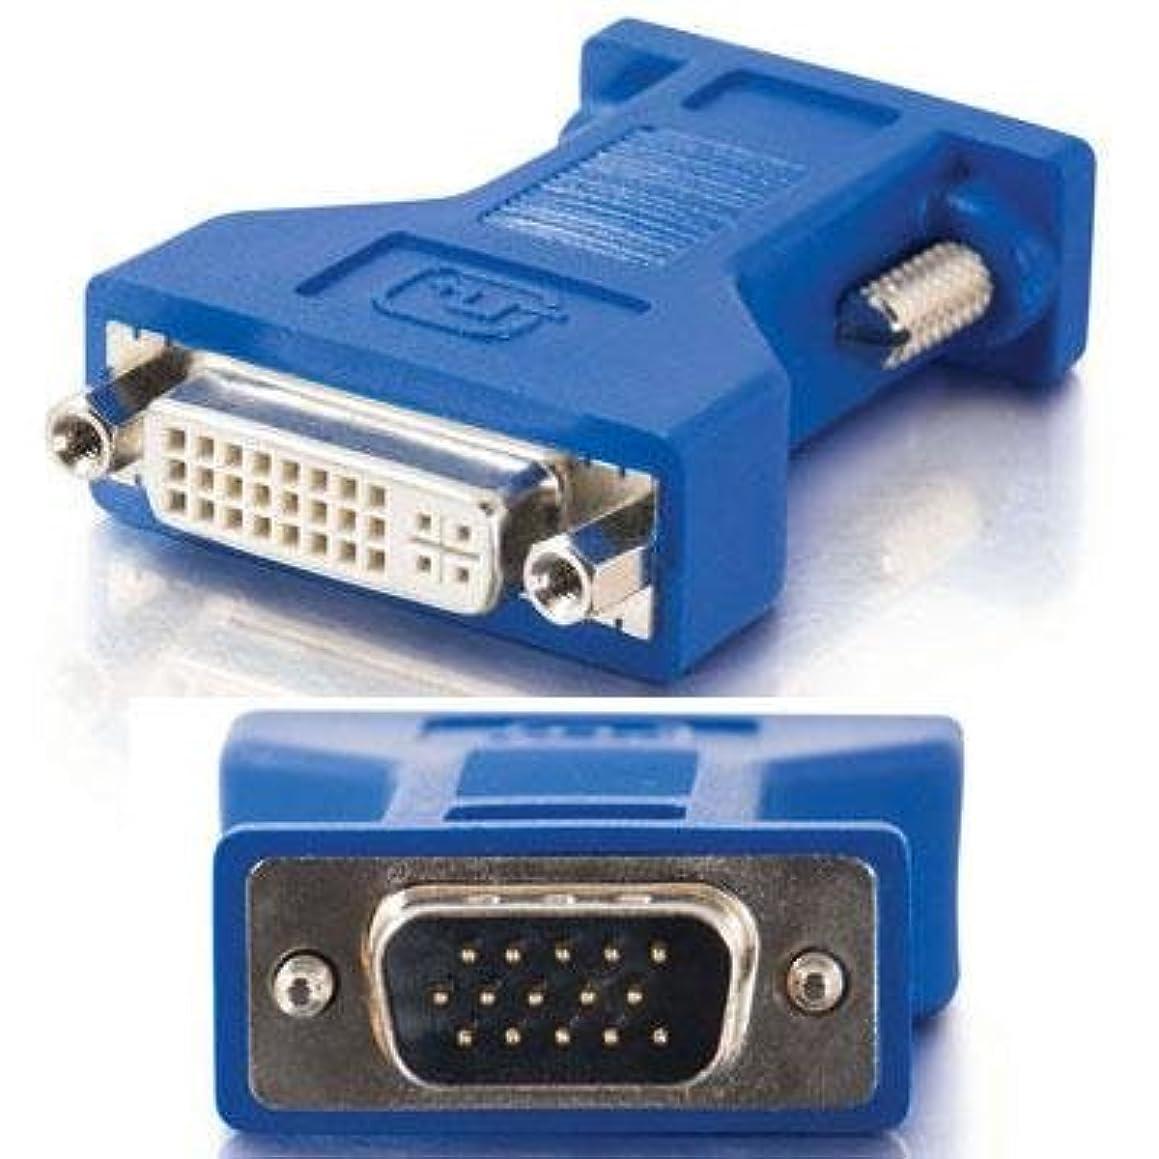 故意に描写補足C2G DVI Female to HD15 VGA Male Video Adapter - Display adapter - DVI-I (F) to HD-15 (M) - beige